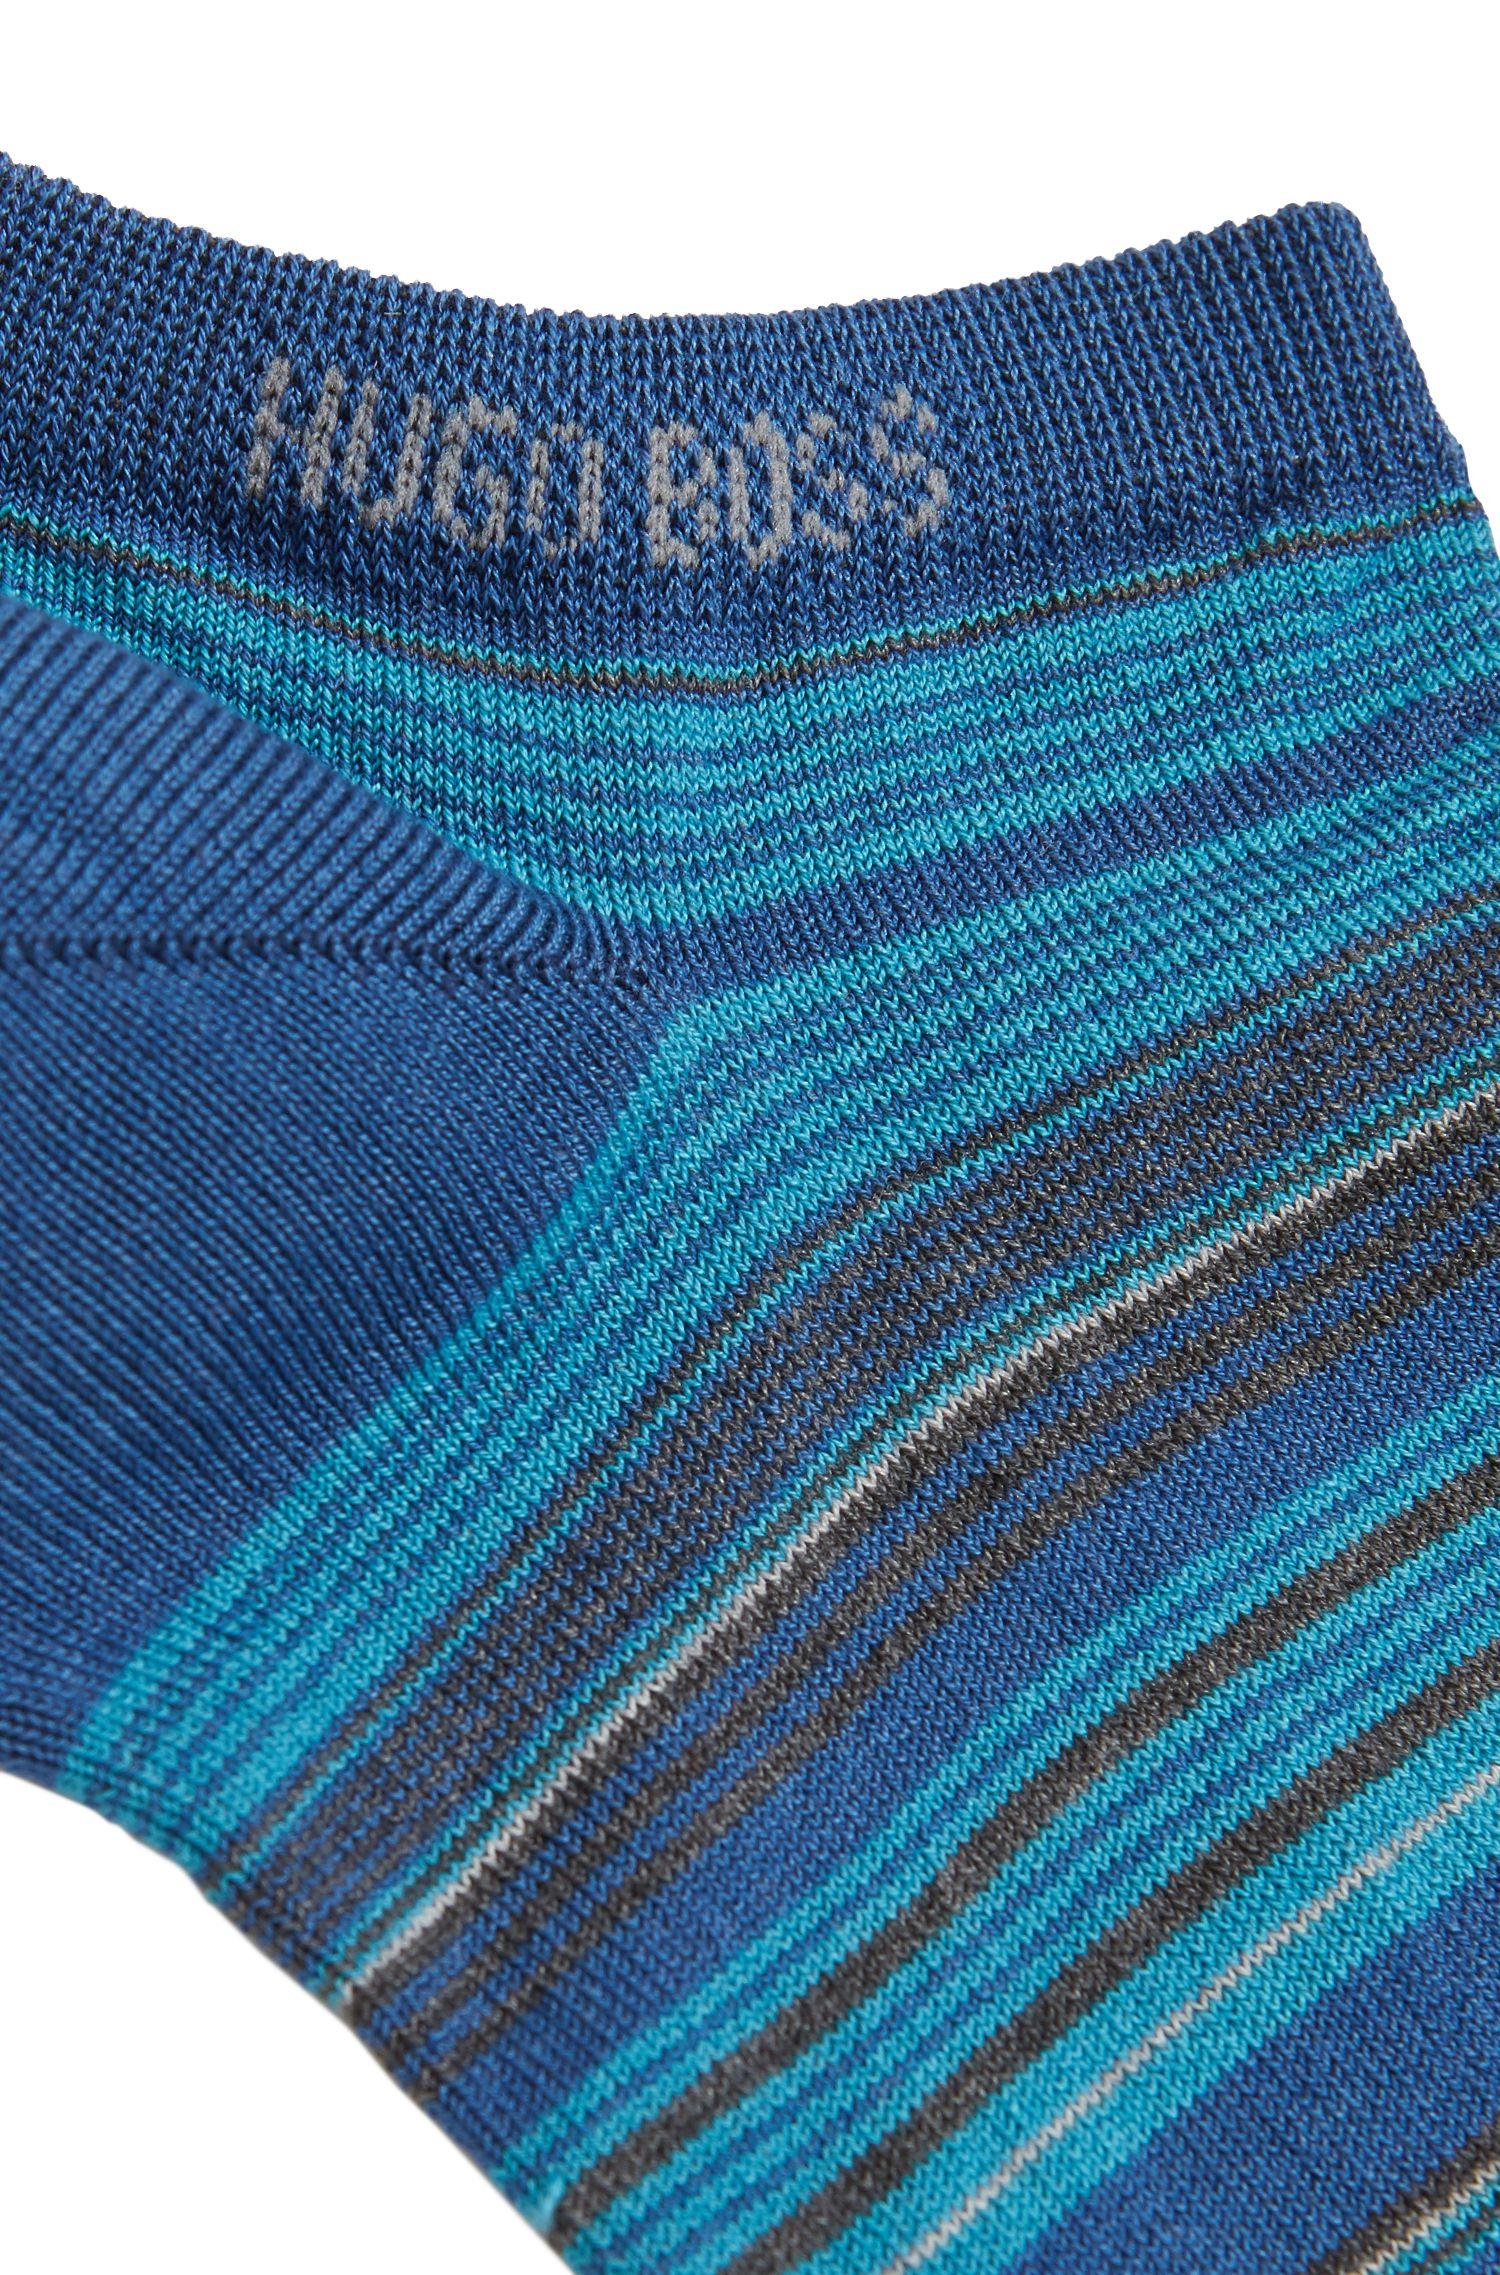 Sneaker-Socken aus merzerisiertem Baumwoll-Mix